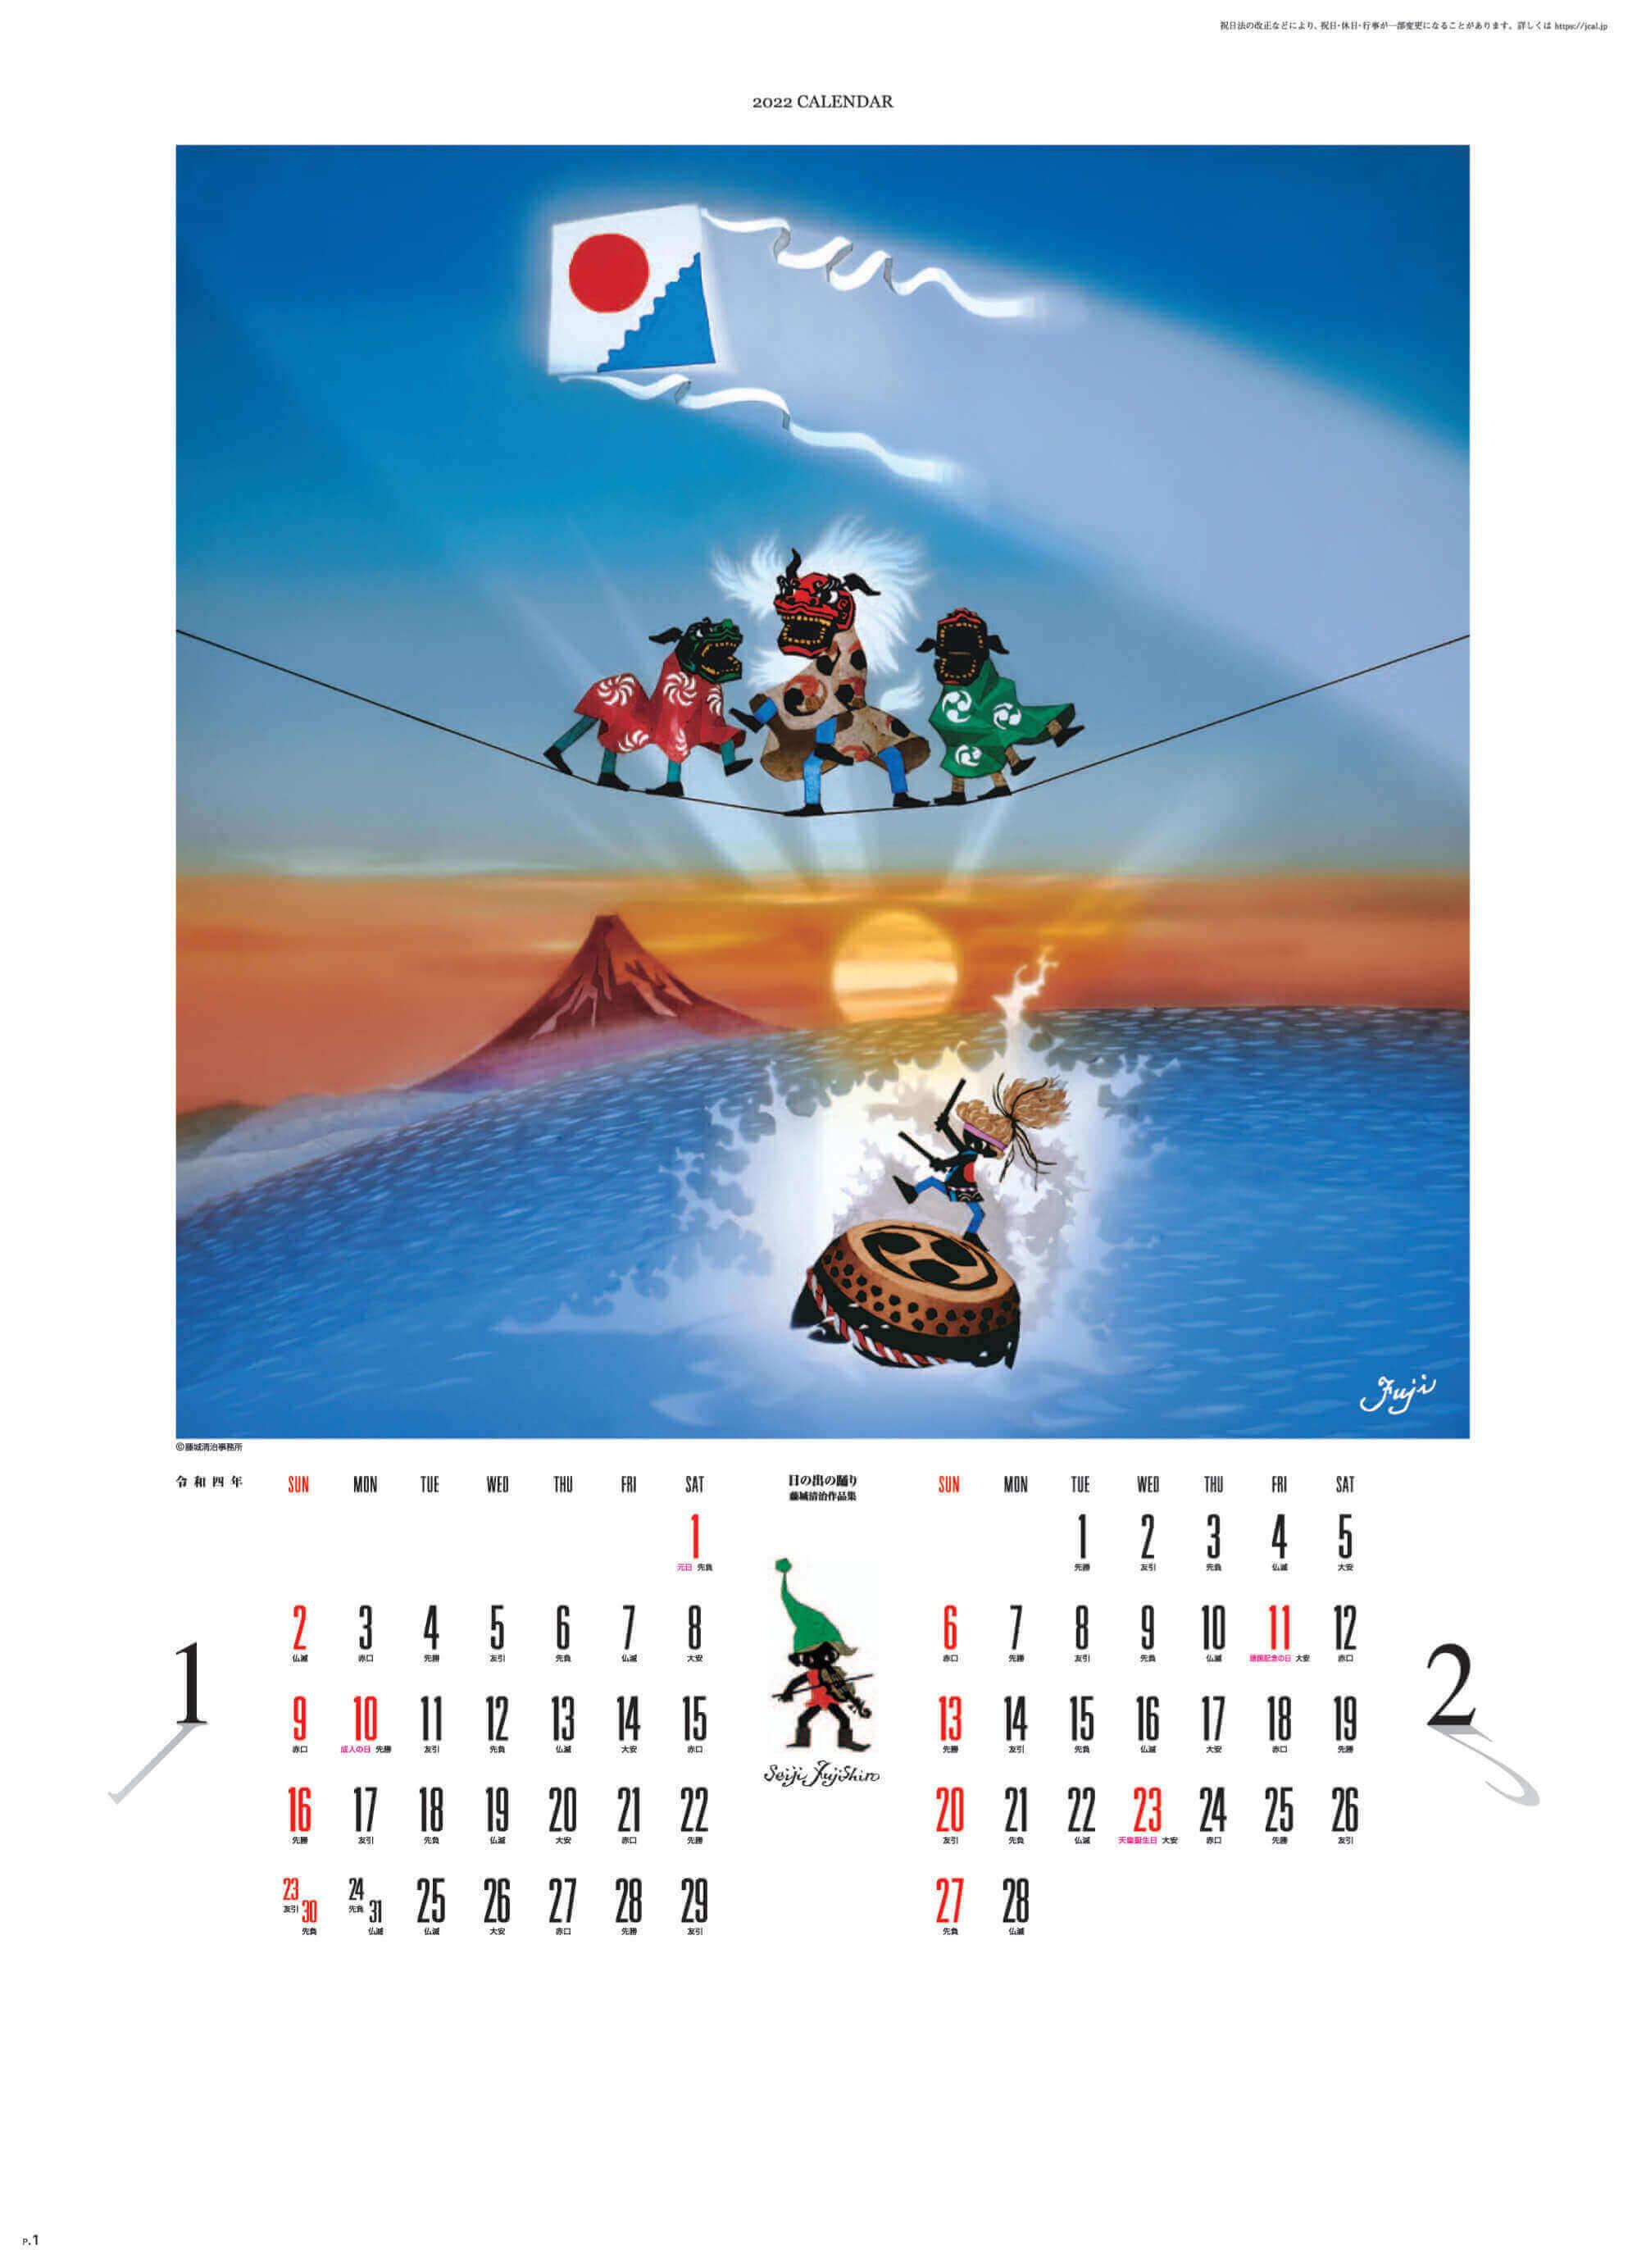 1-2月 日の出の踊り 遠い日の風景から(影絵) 藤城清治 2022年カレンダーの画像